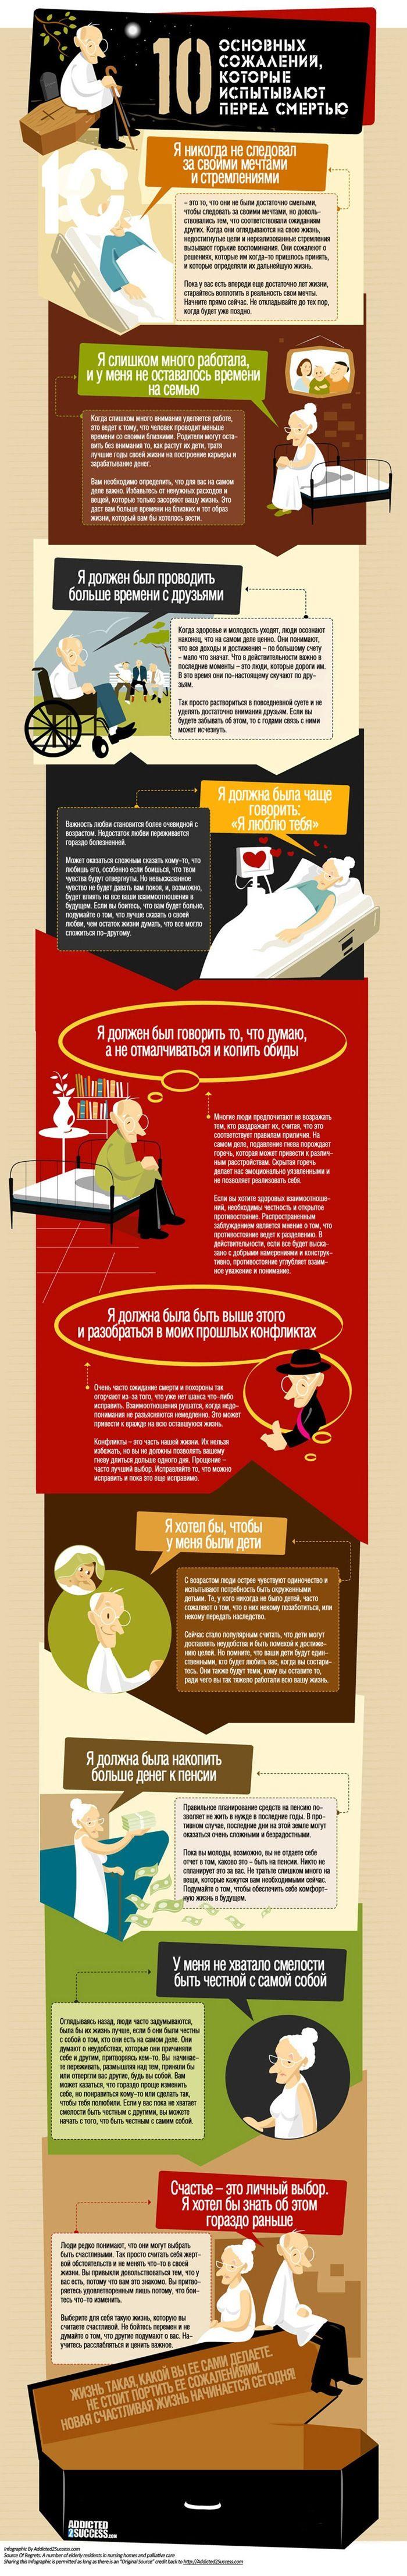 ТОП-10 вещей, о которых сожалеют в старости (1 картинка)